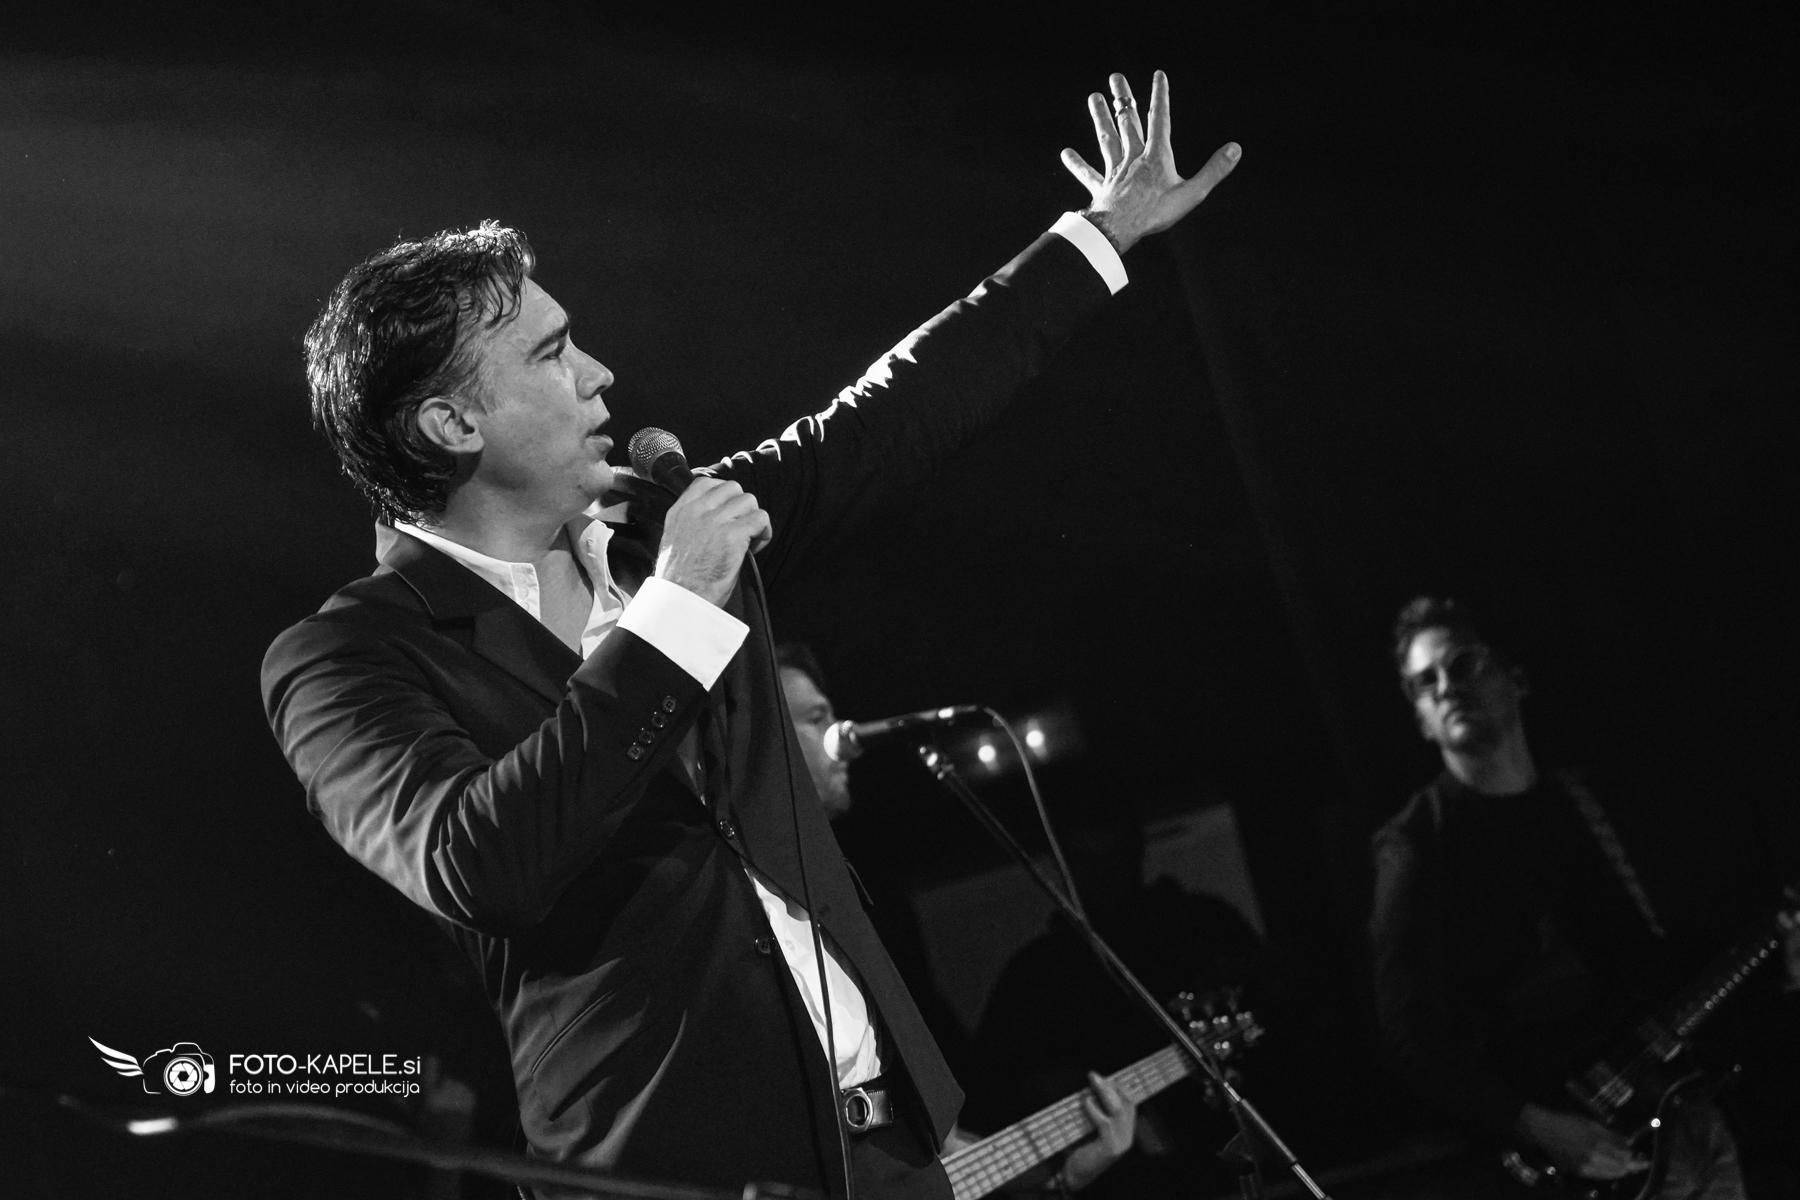 Koncert KCK - Jan Plestenjak